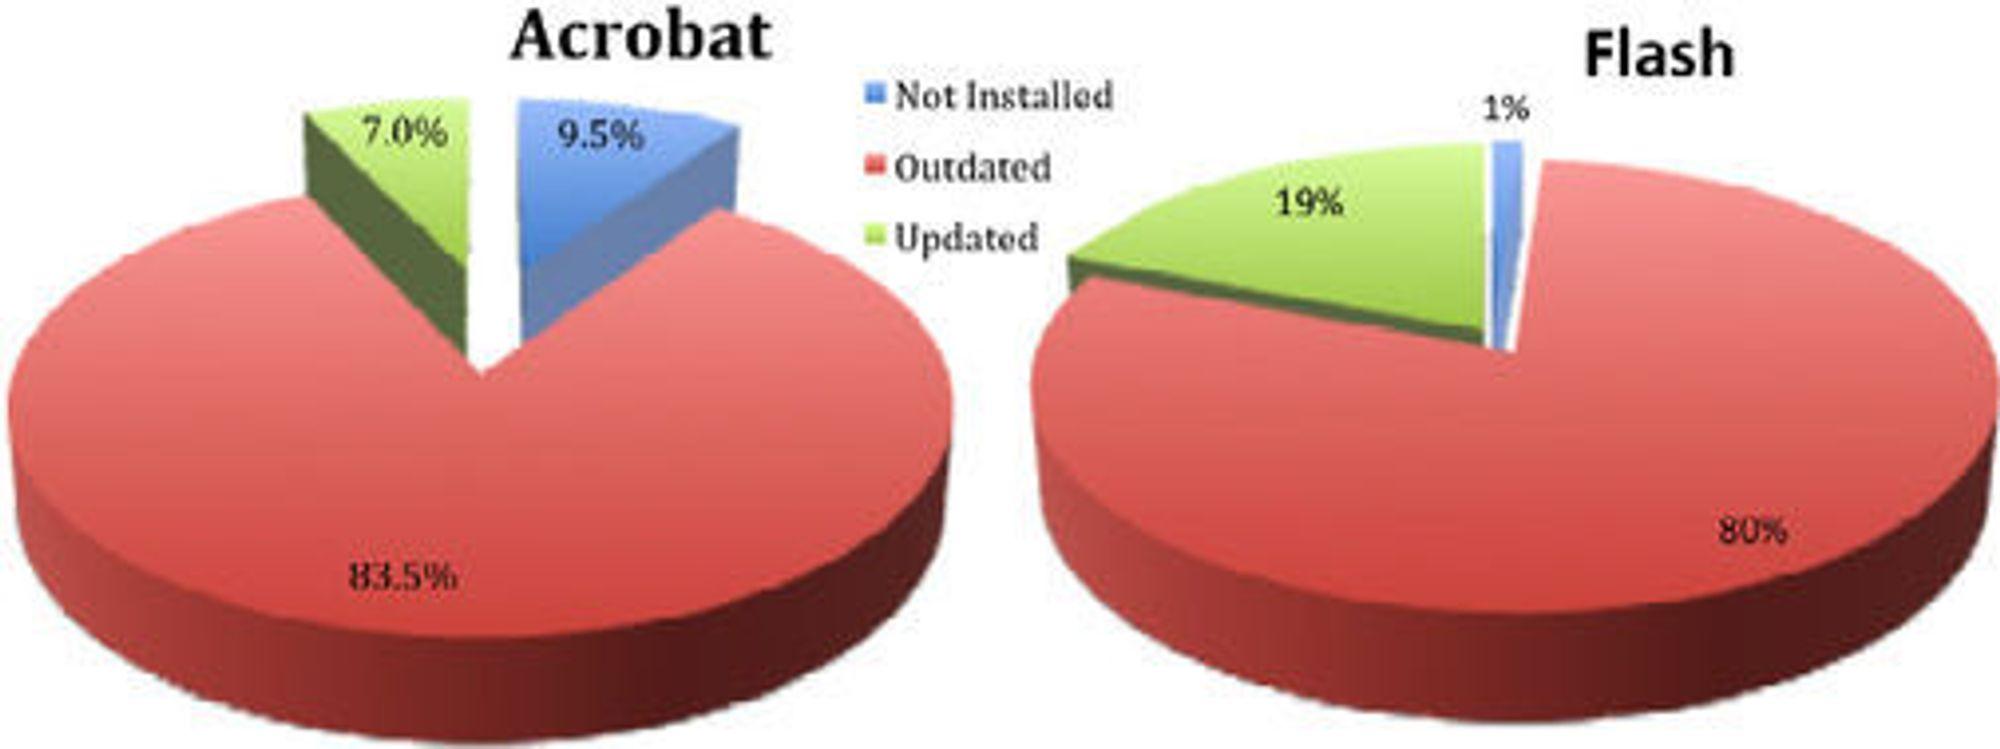 Kun en liten andel av brukerne av Adobe Reader (Acrobat) og Flash Player har installert svært viktige oppdateringer innen 14 dager, viser tall fra Trusteer.